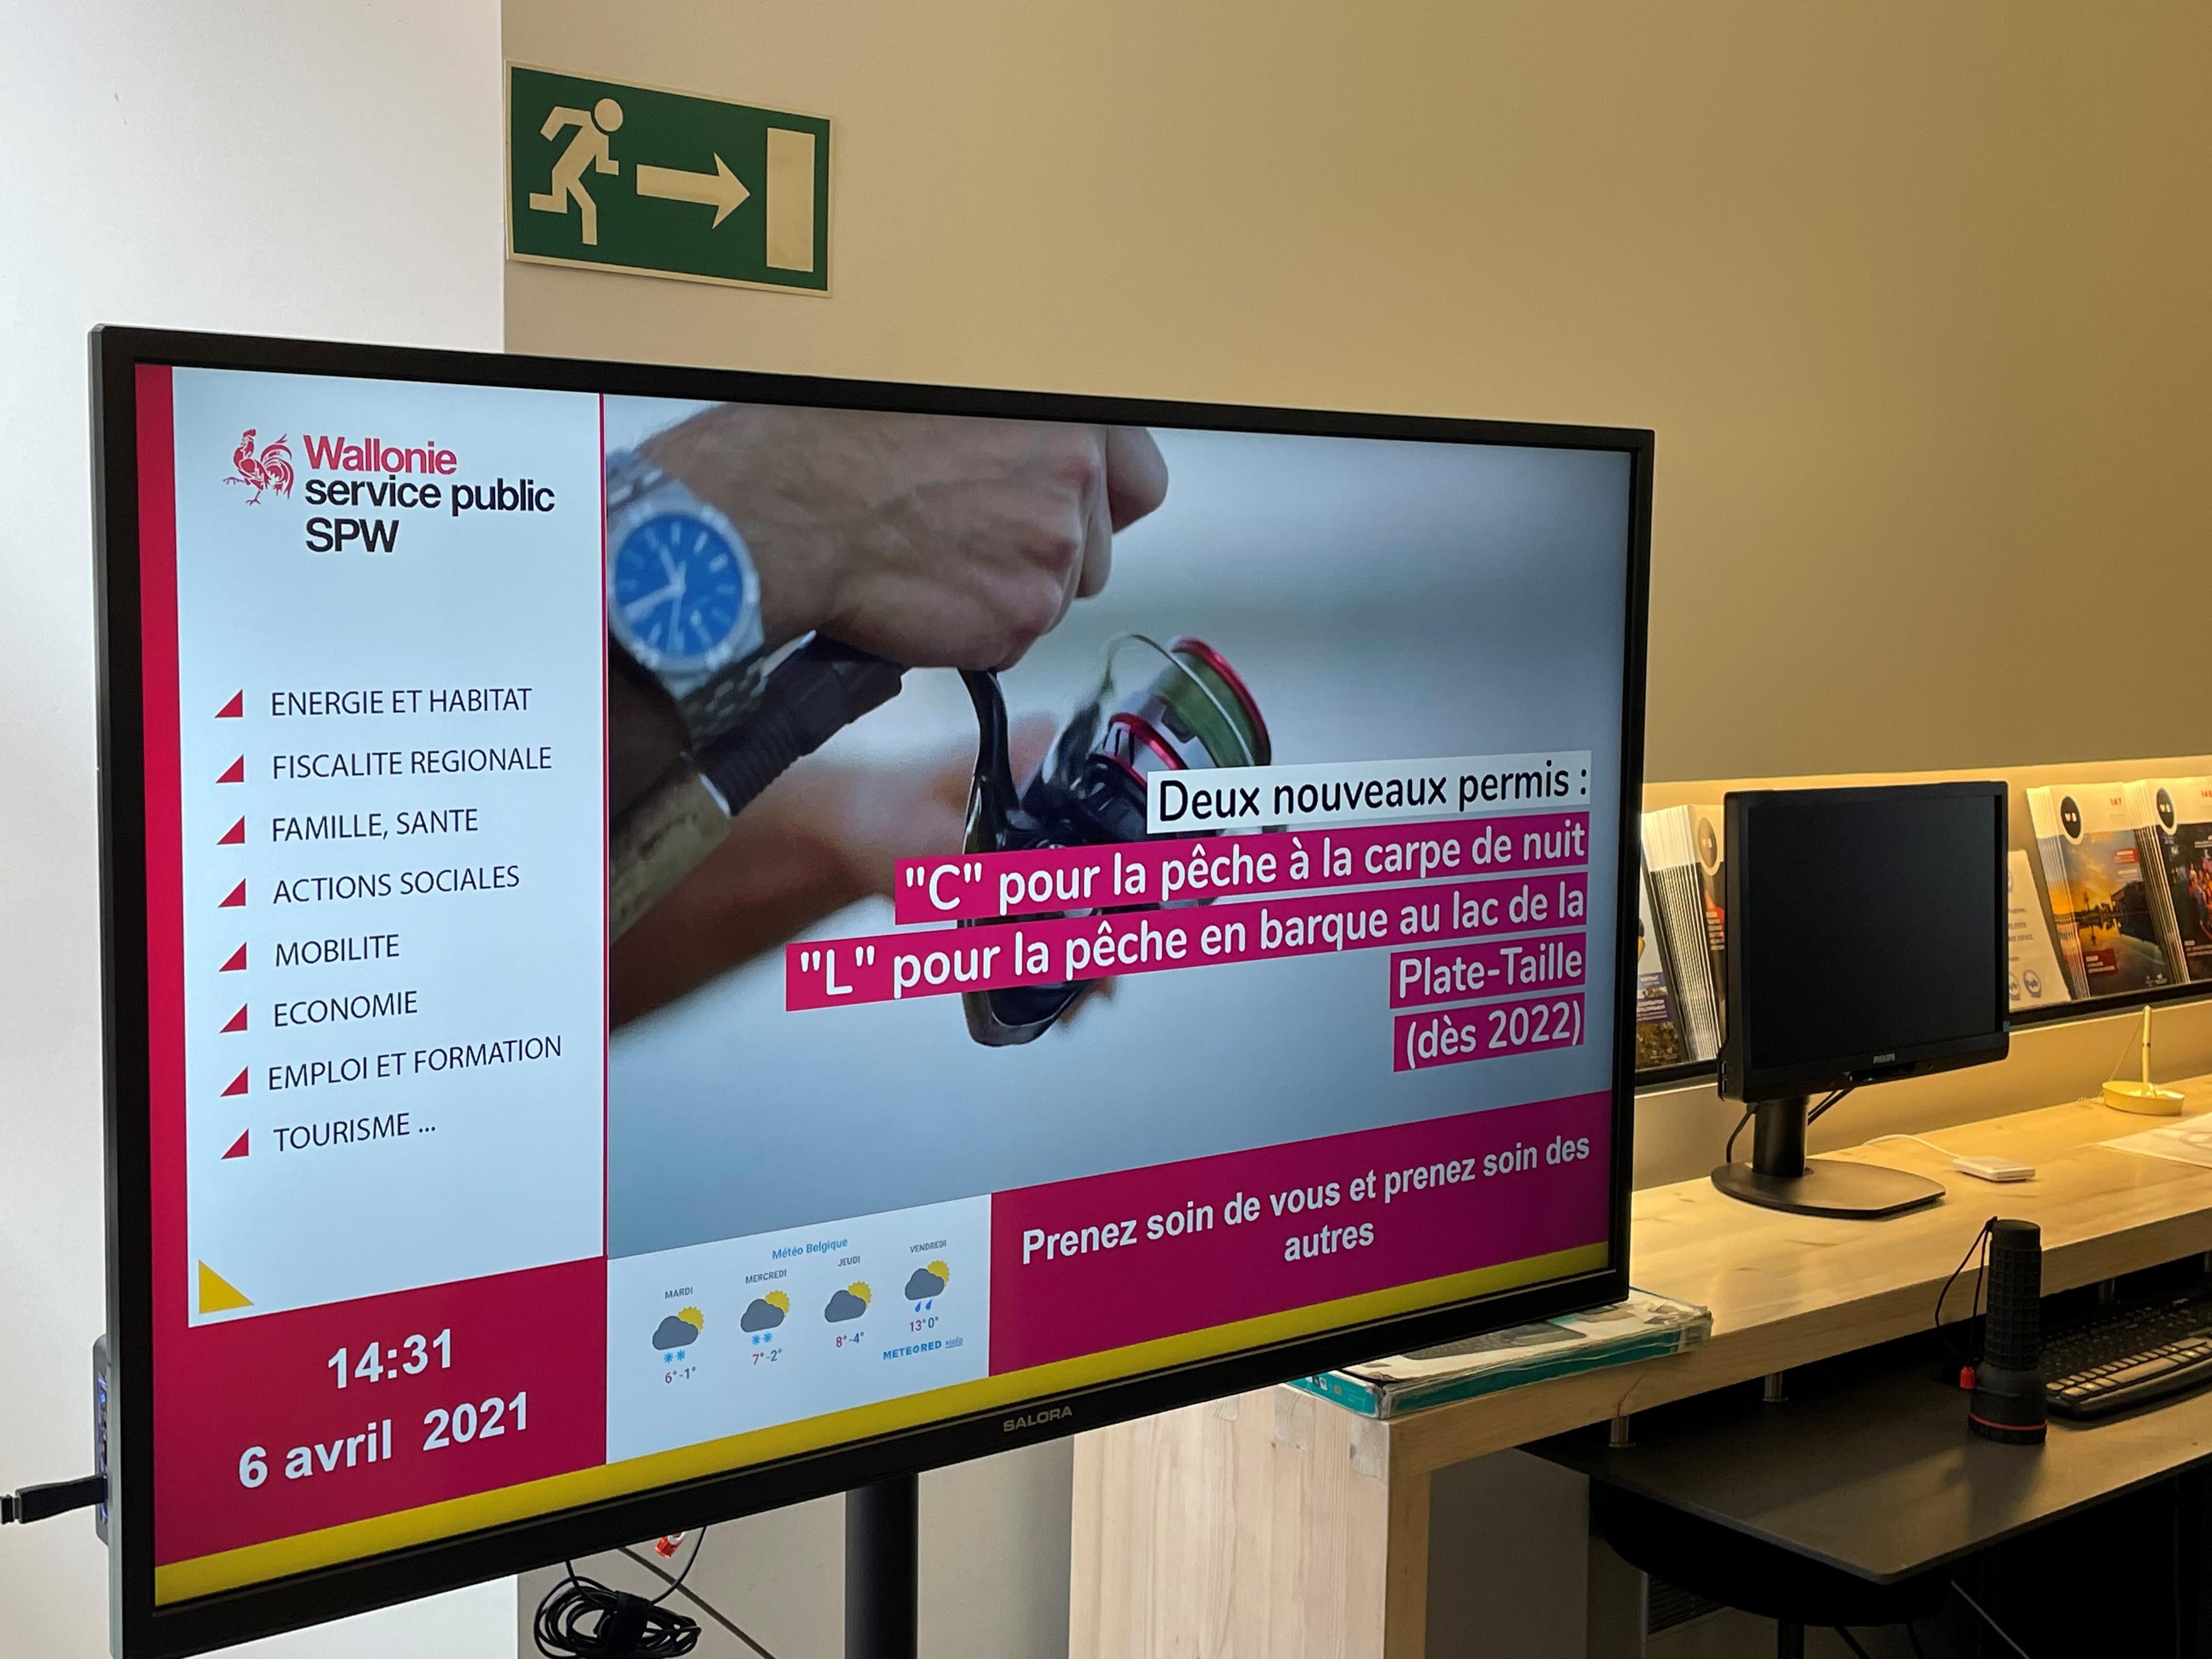 Ecrans affichage dynamique pour l'Espace Wallonie du Service Public Wallon